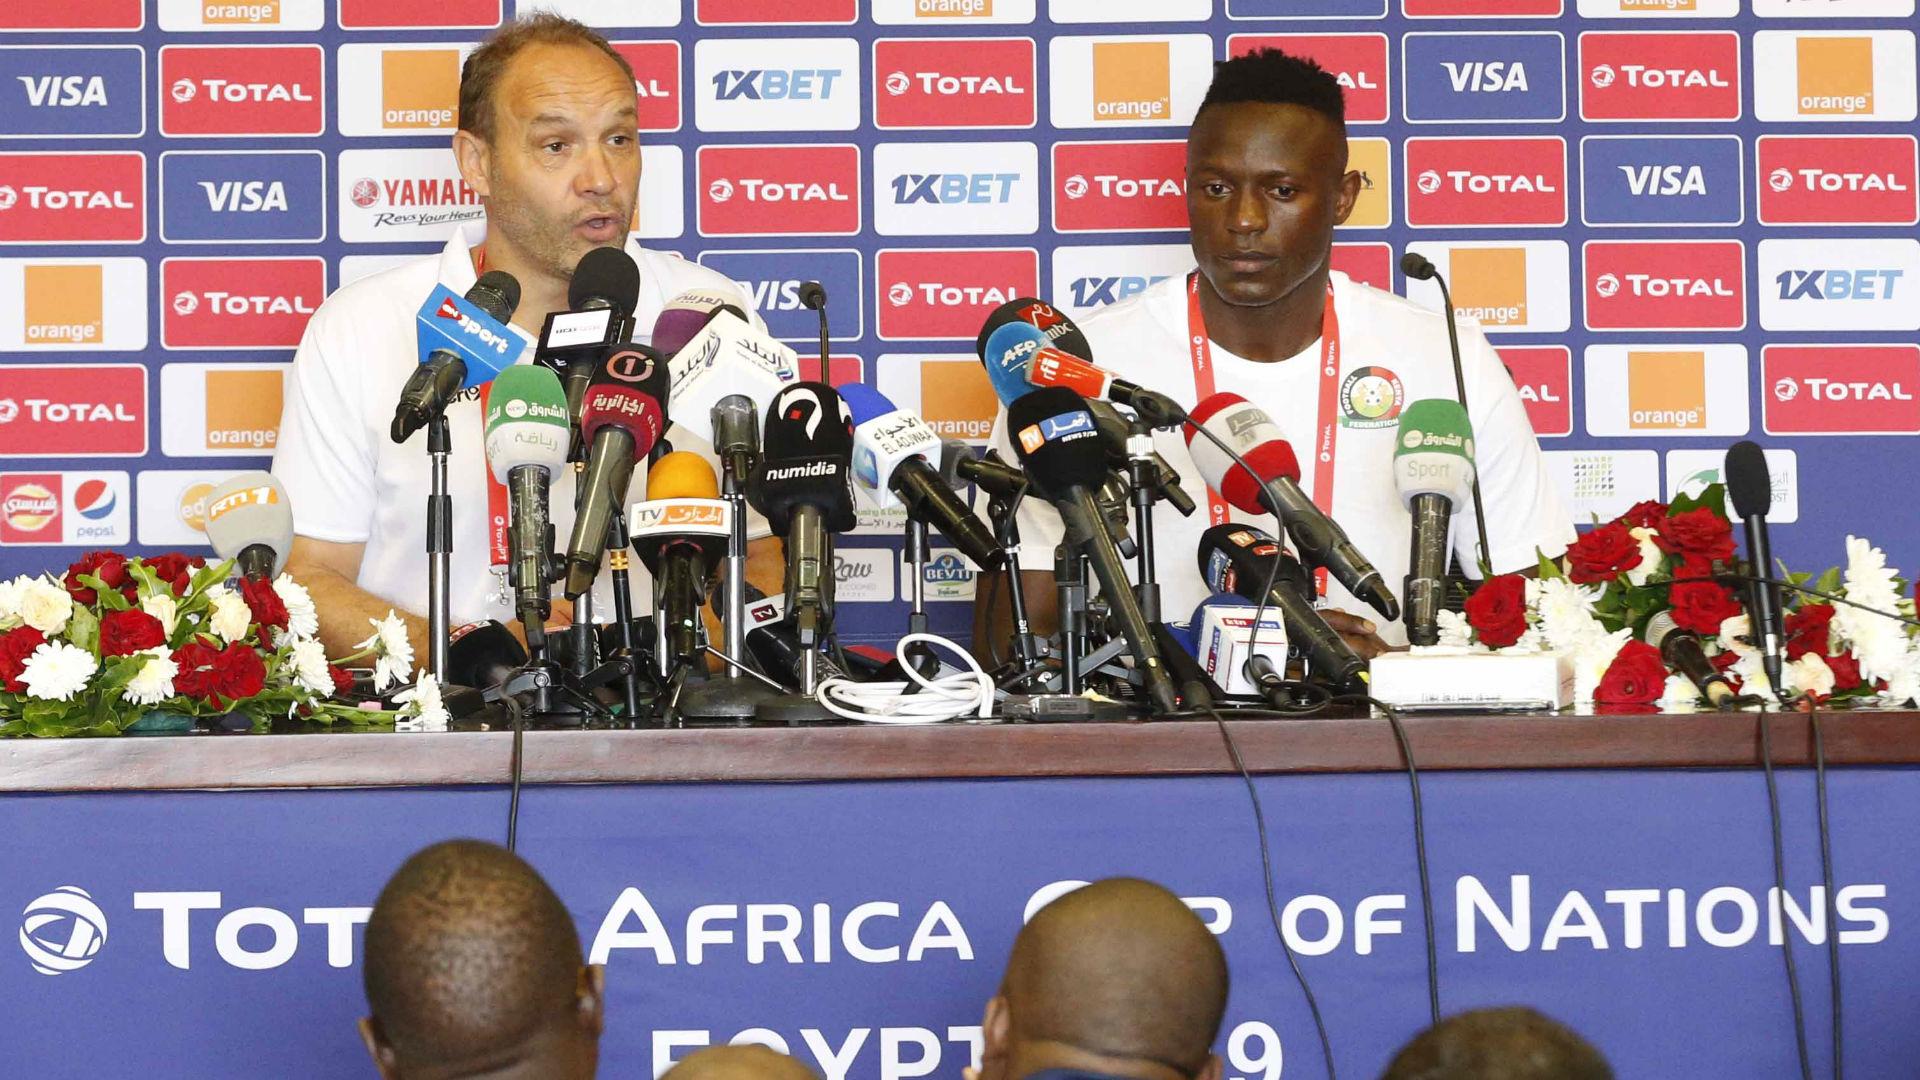 Afcon 2019: Harambee Stars will fight hard against Algeria - Wanyama